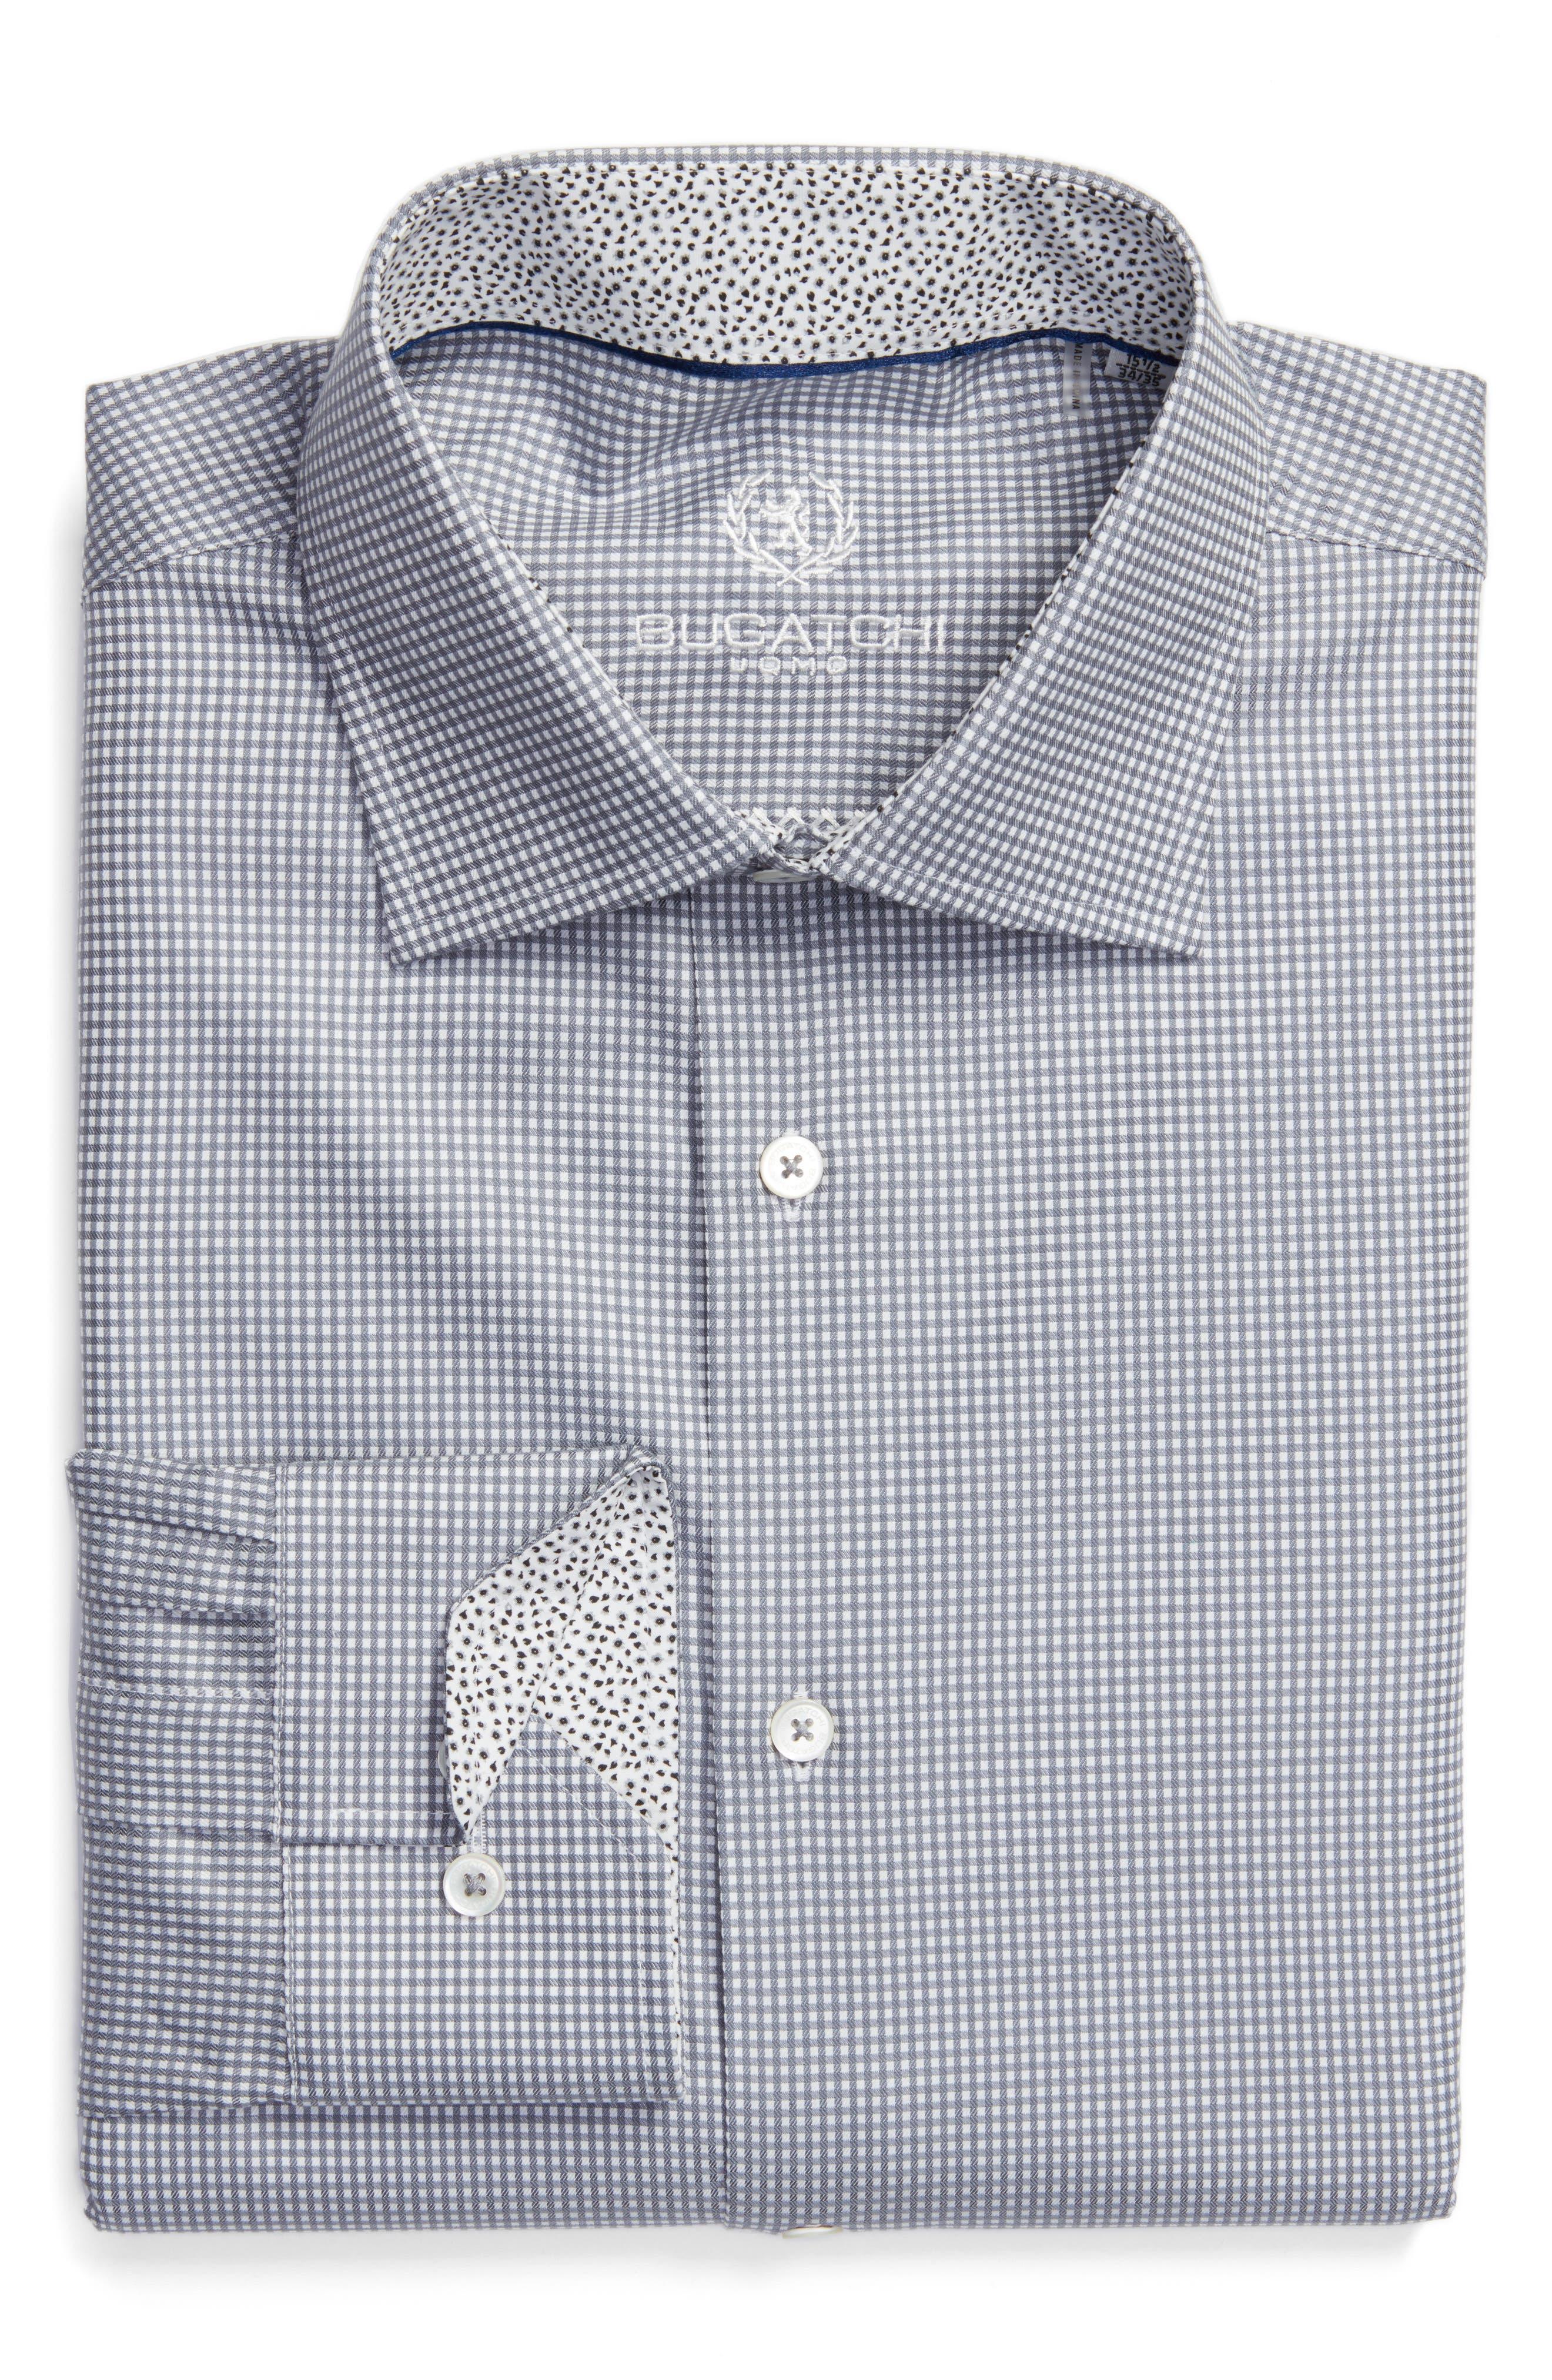 Main Image - Bugatchi Trim Fit Check Pattern Dress Shirt